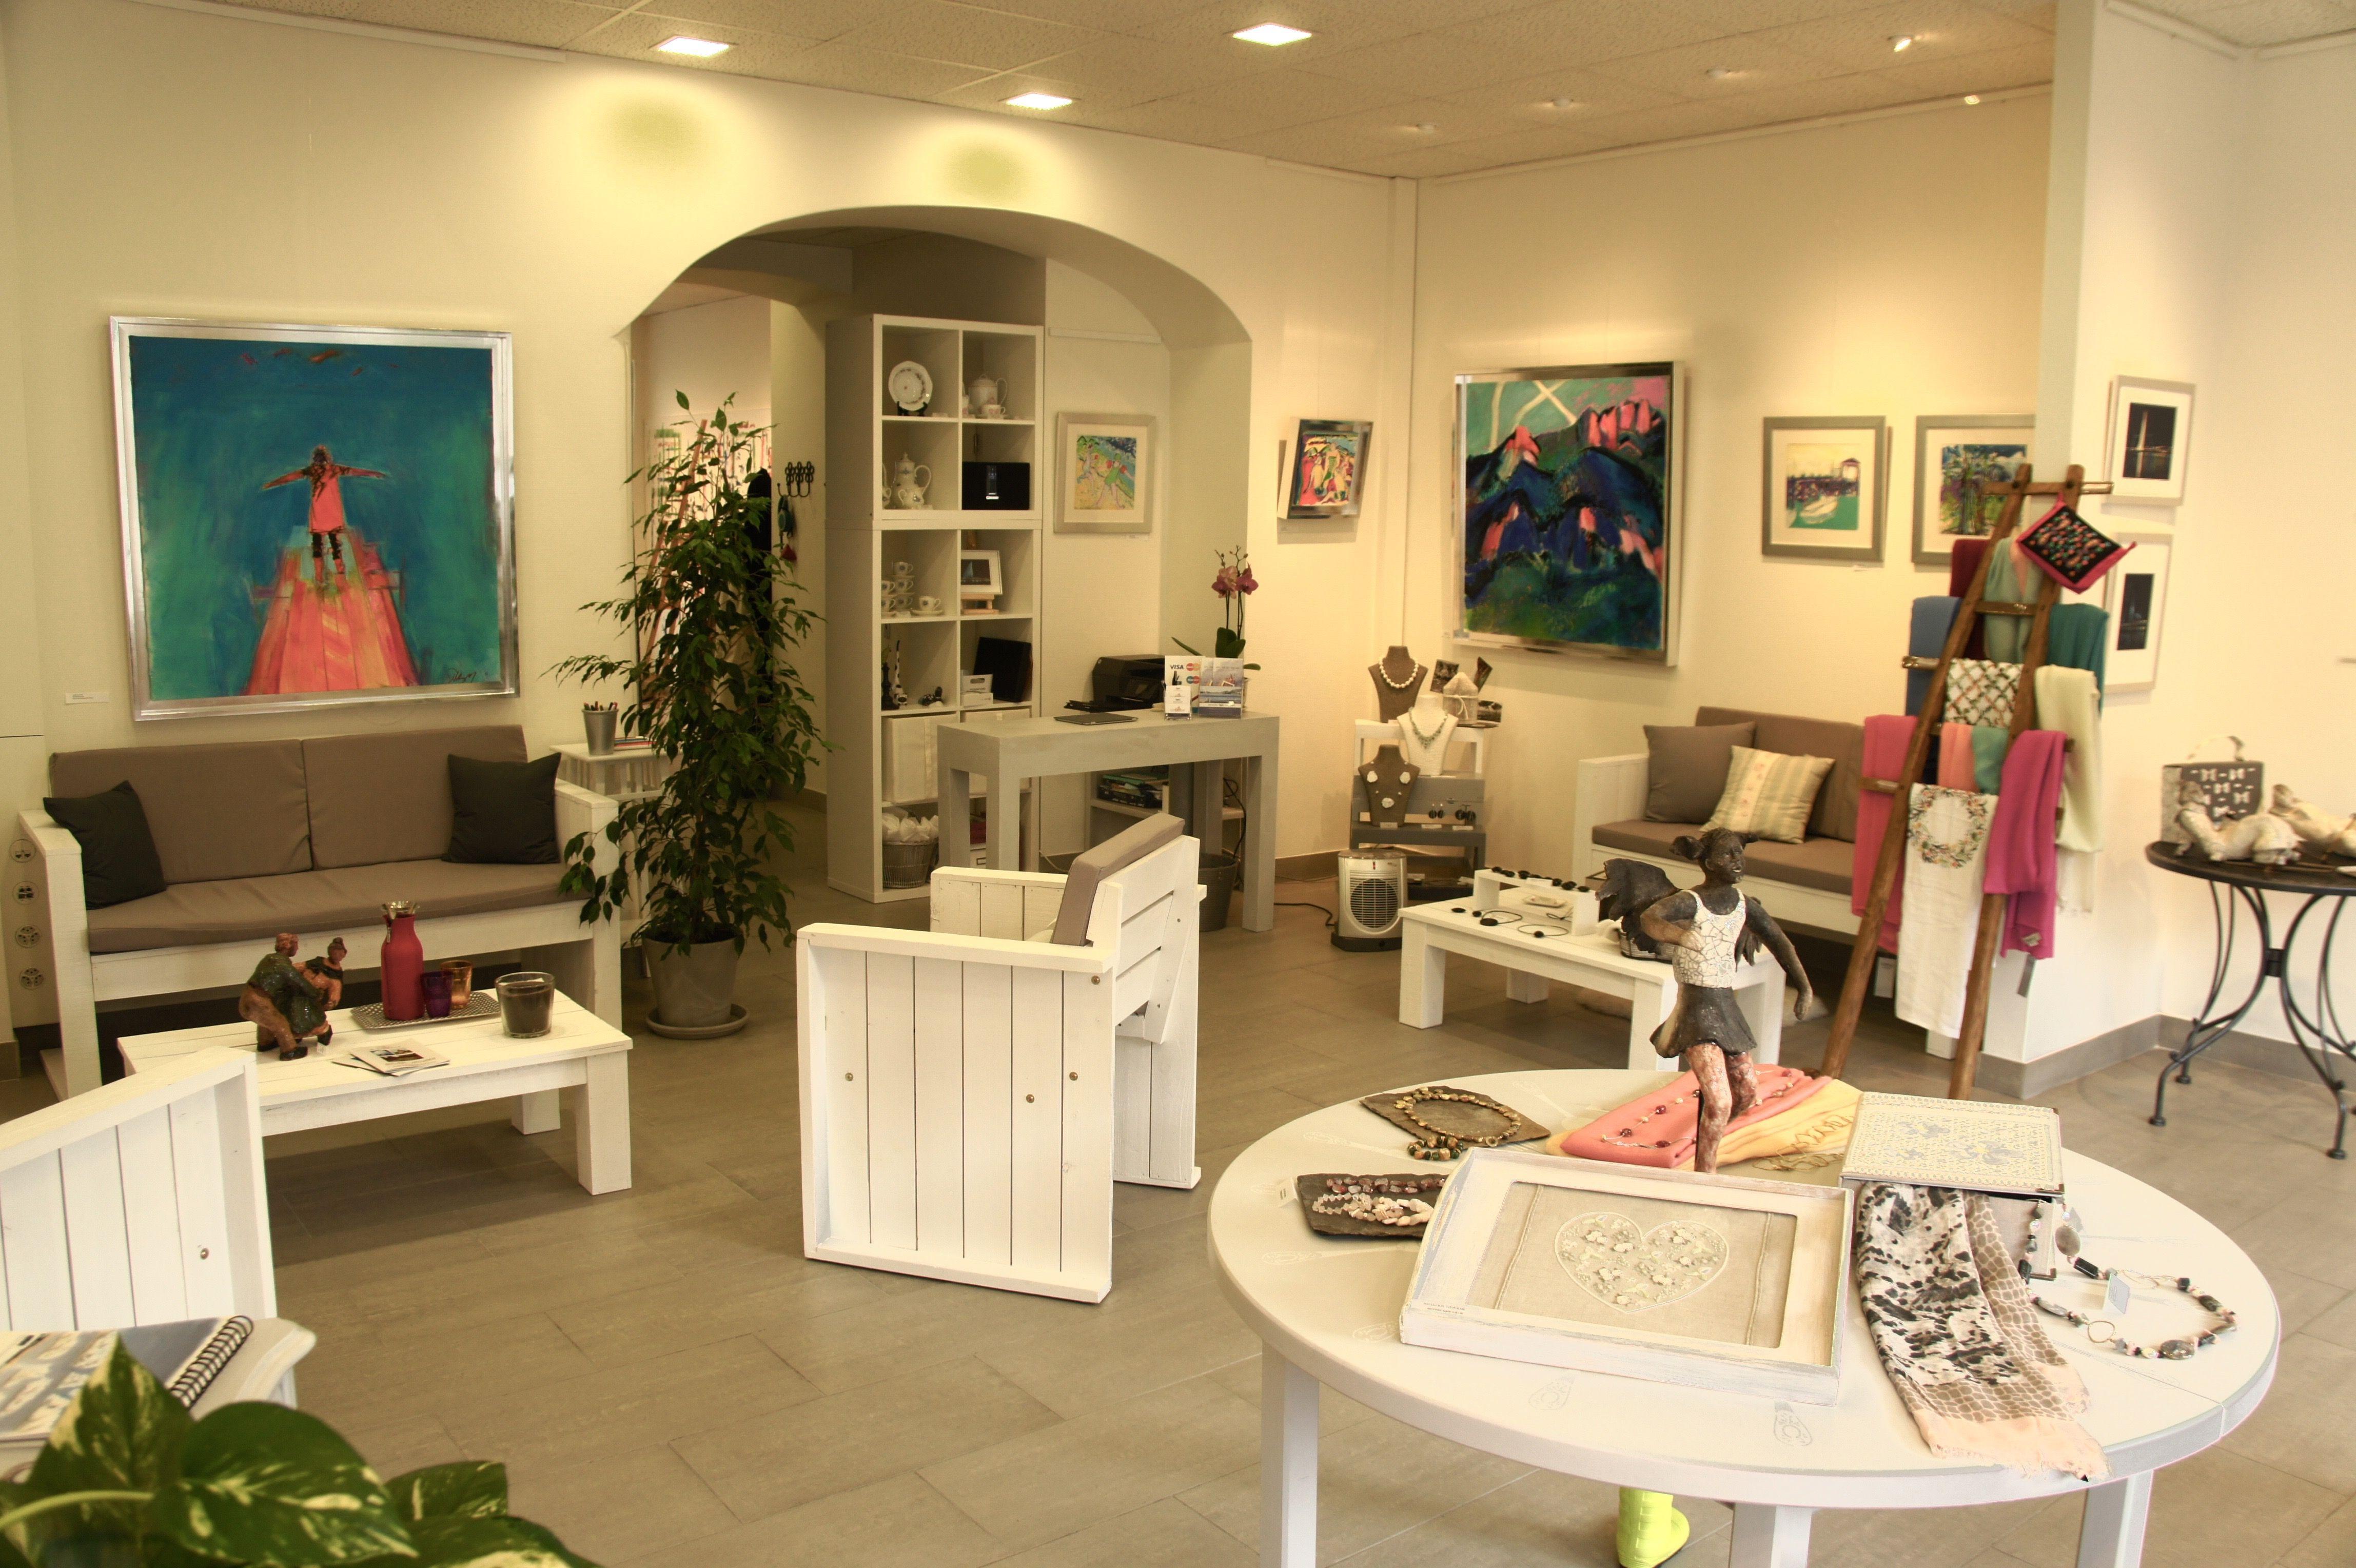 Espace d'exposition et de vente à l'atelier du square. www.atelierdusquare.ch